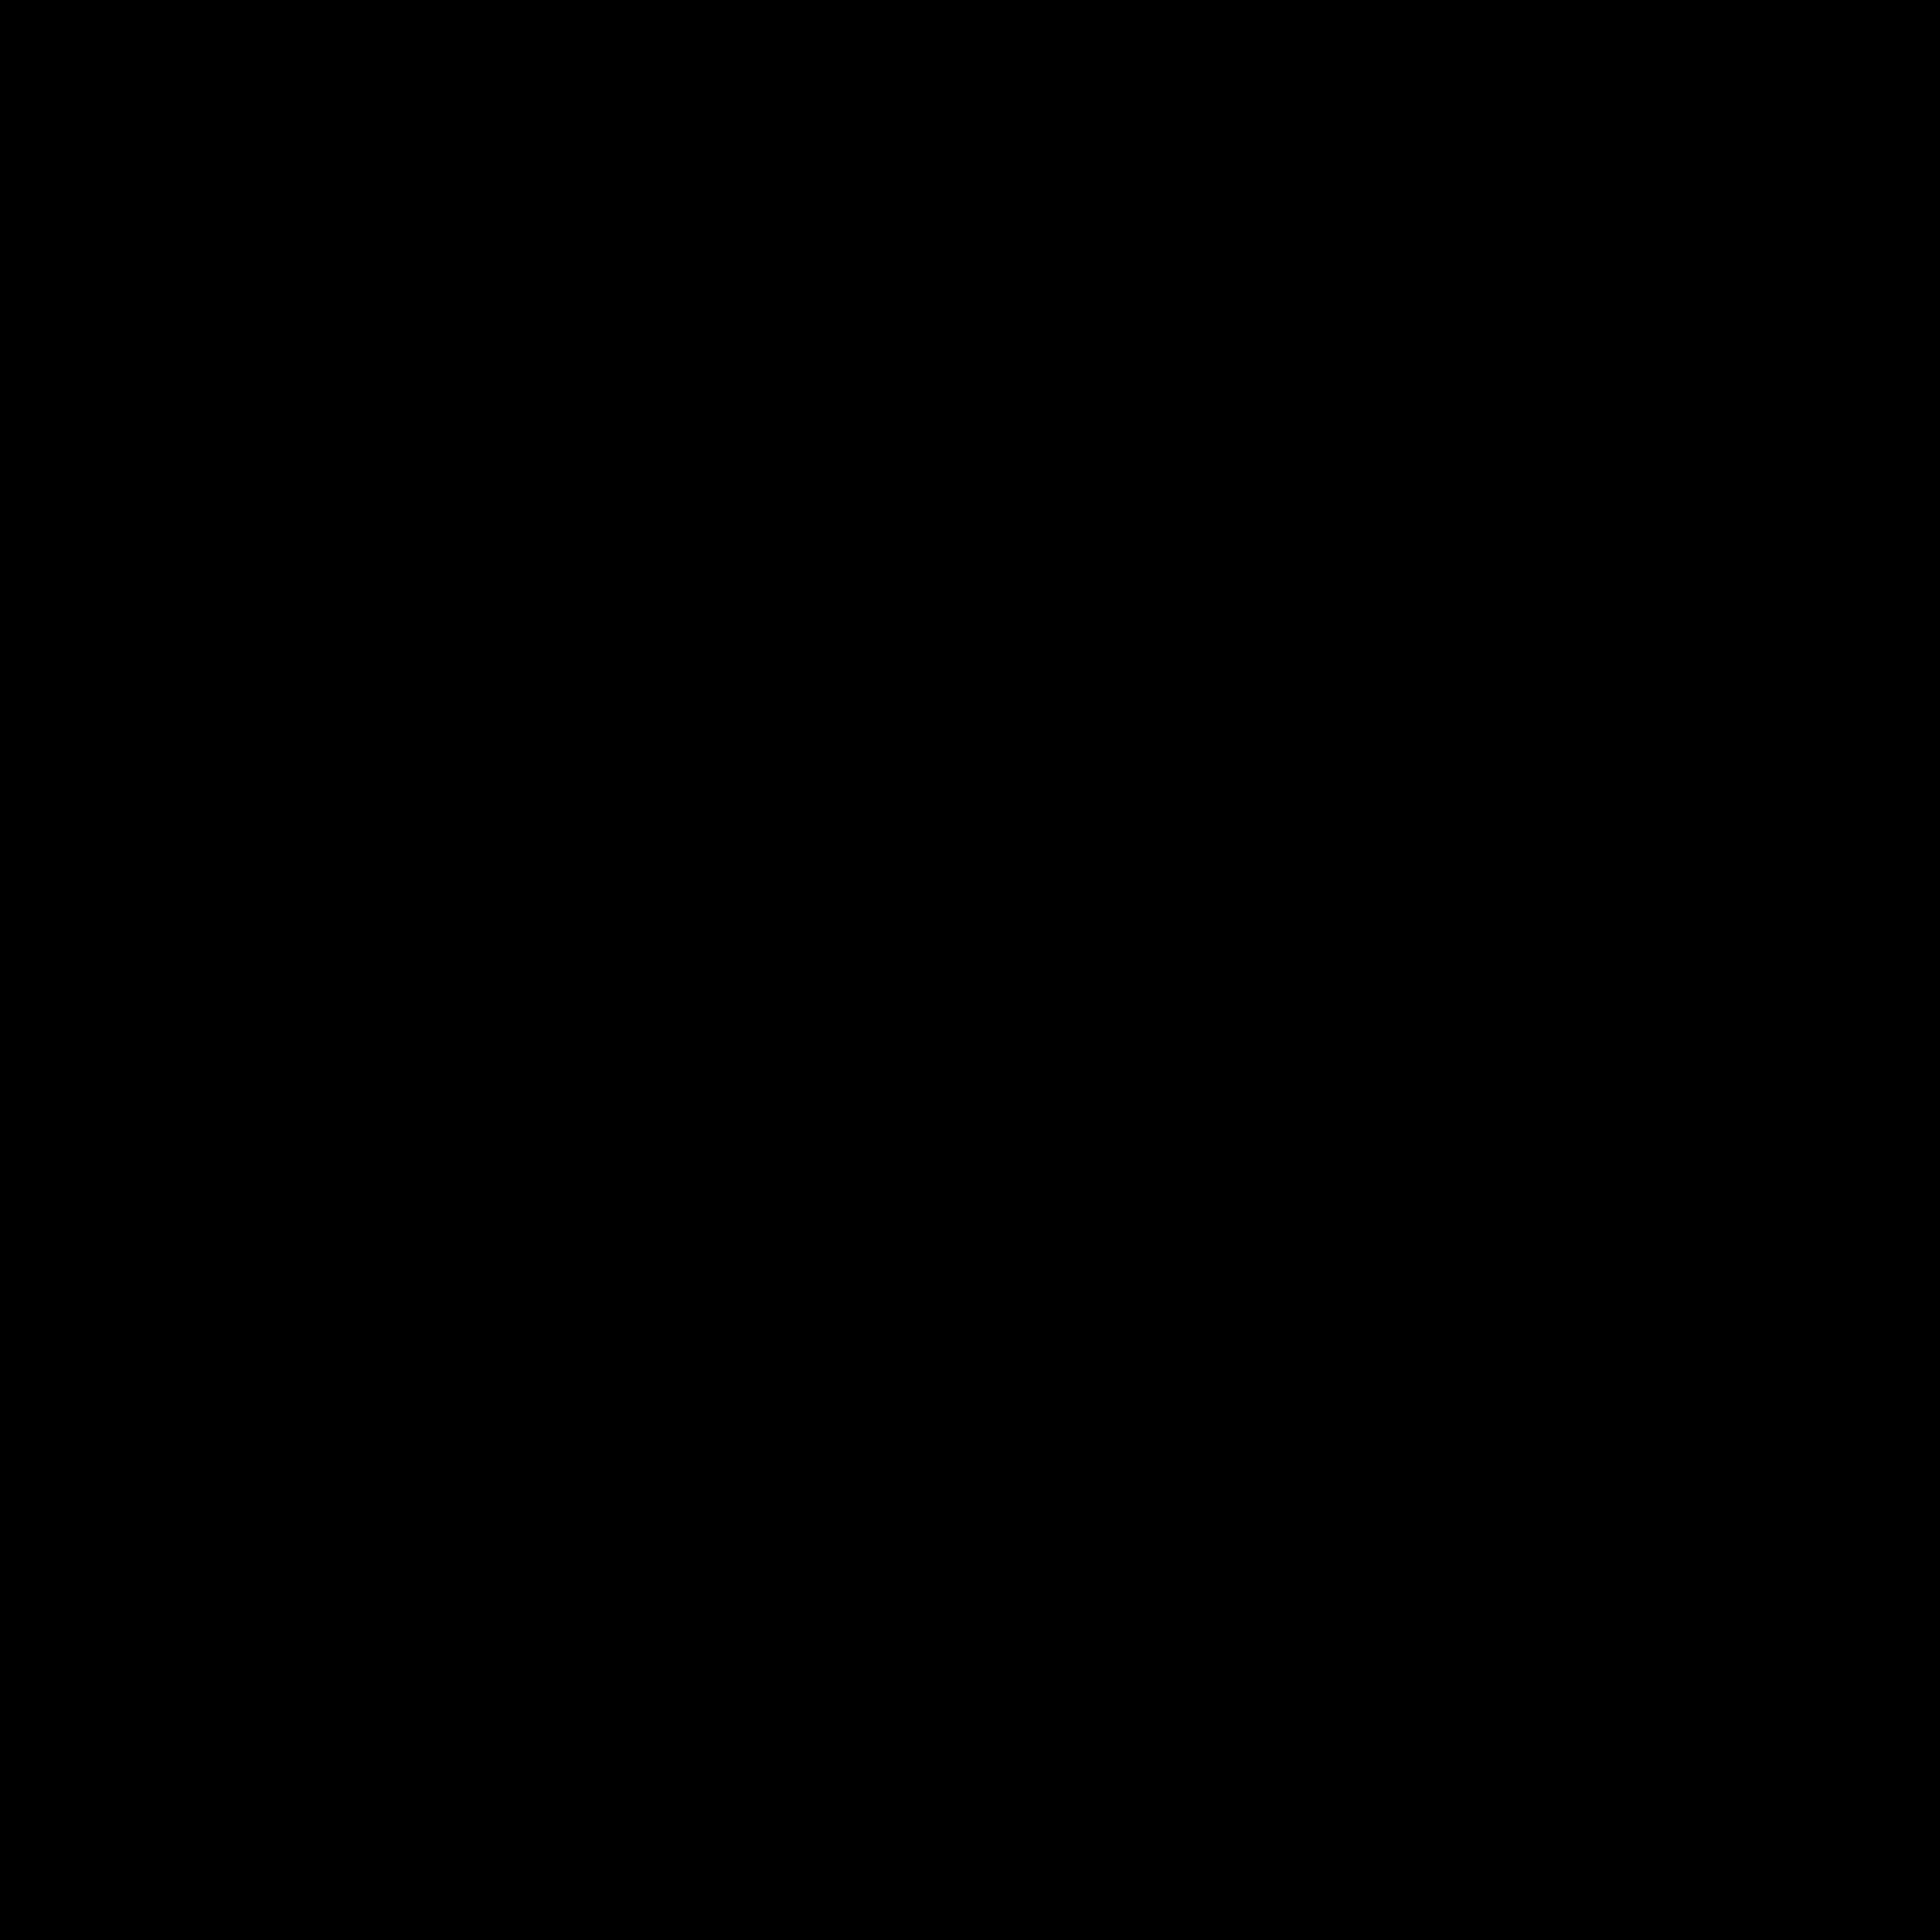 minimal-cglogos-07.png